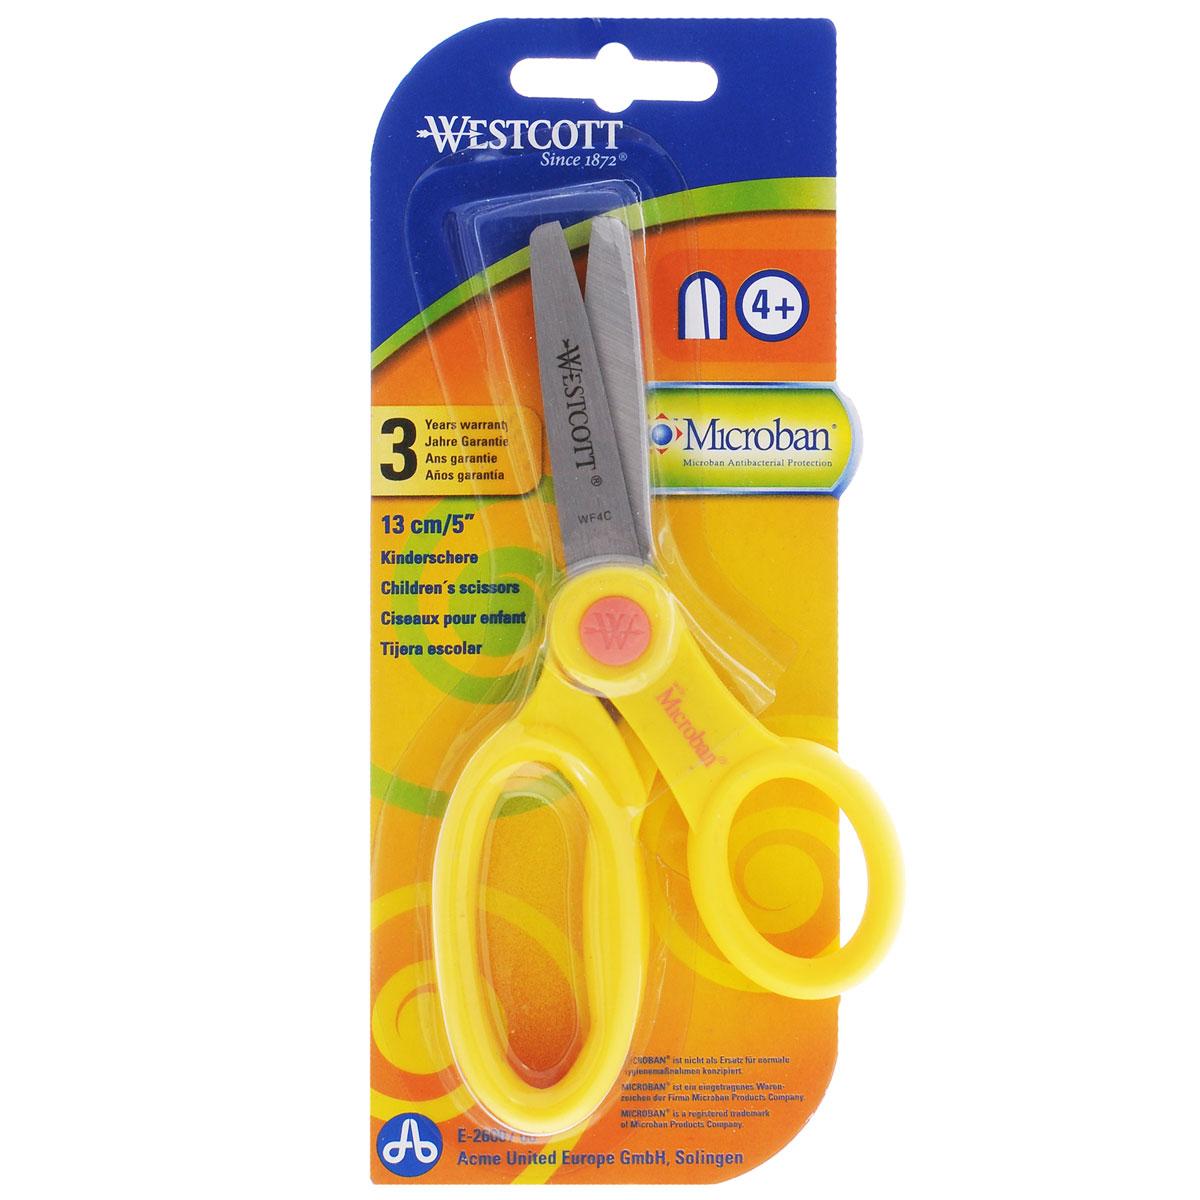 """Ножницы детские """"Westcott"""", с антибактериальным покрытием, цвет: желтый, 13 см Е-26007 00_желтый"""